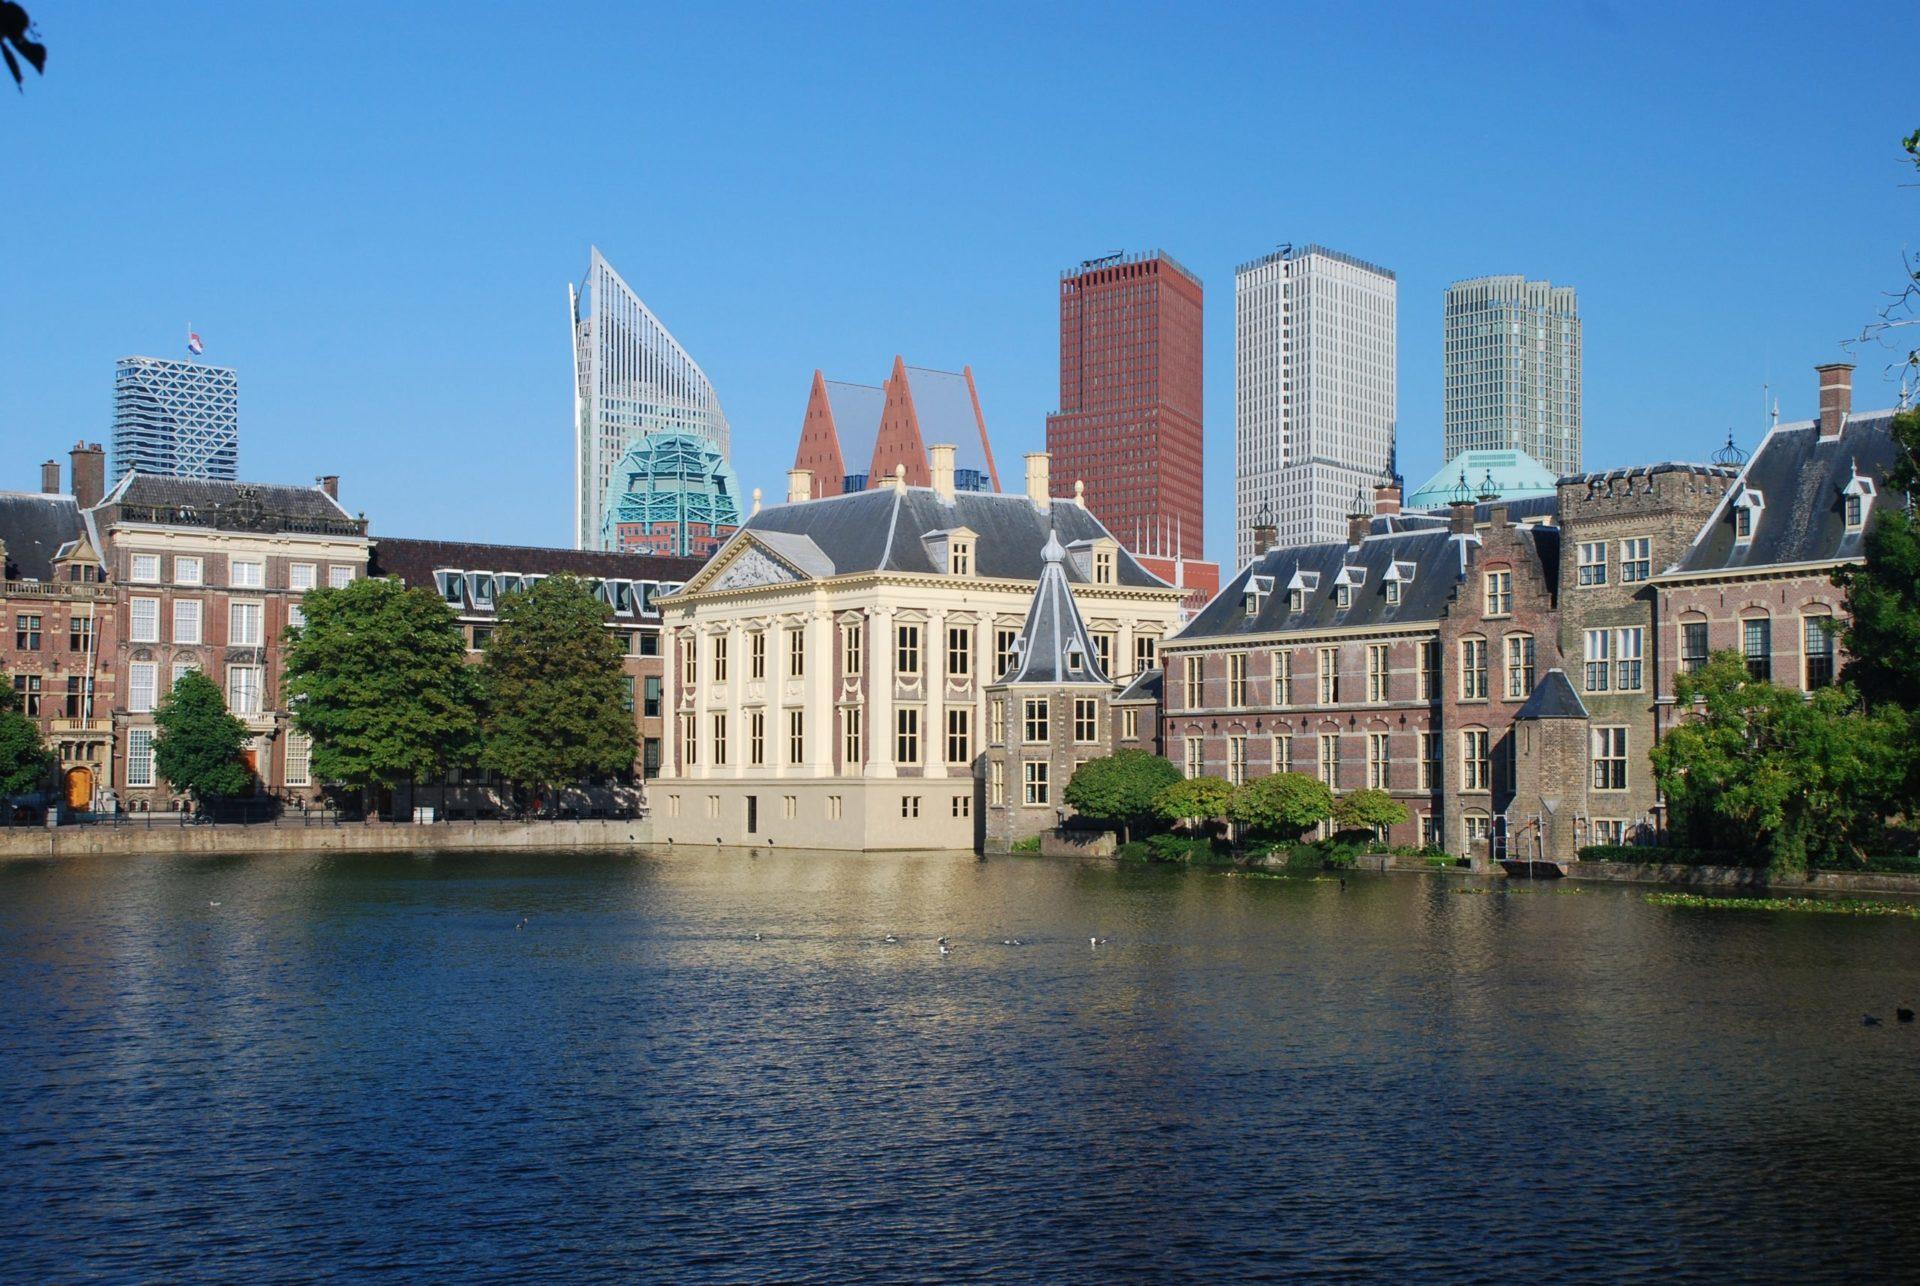 Wassertemperatur Den Haag